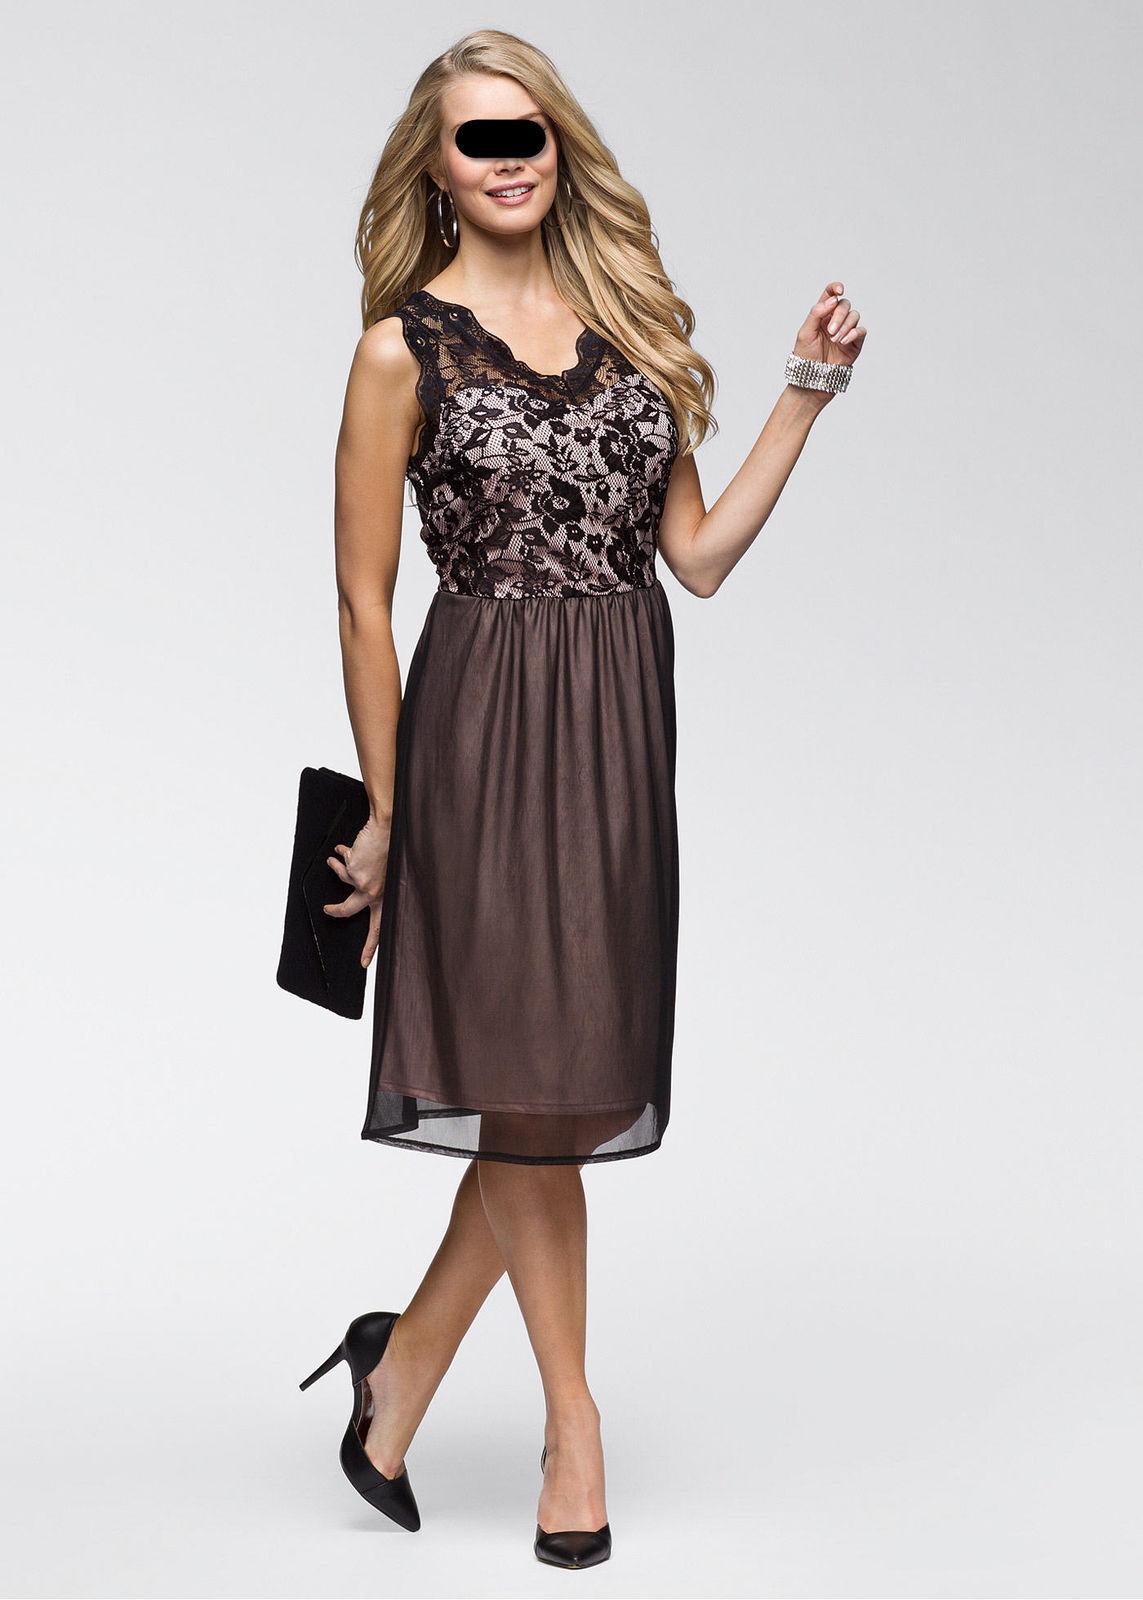 Kleid mit Spitze schwarz/hellrosa Clubwear festlich Sommer  Party